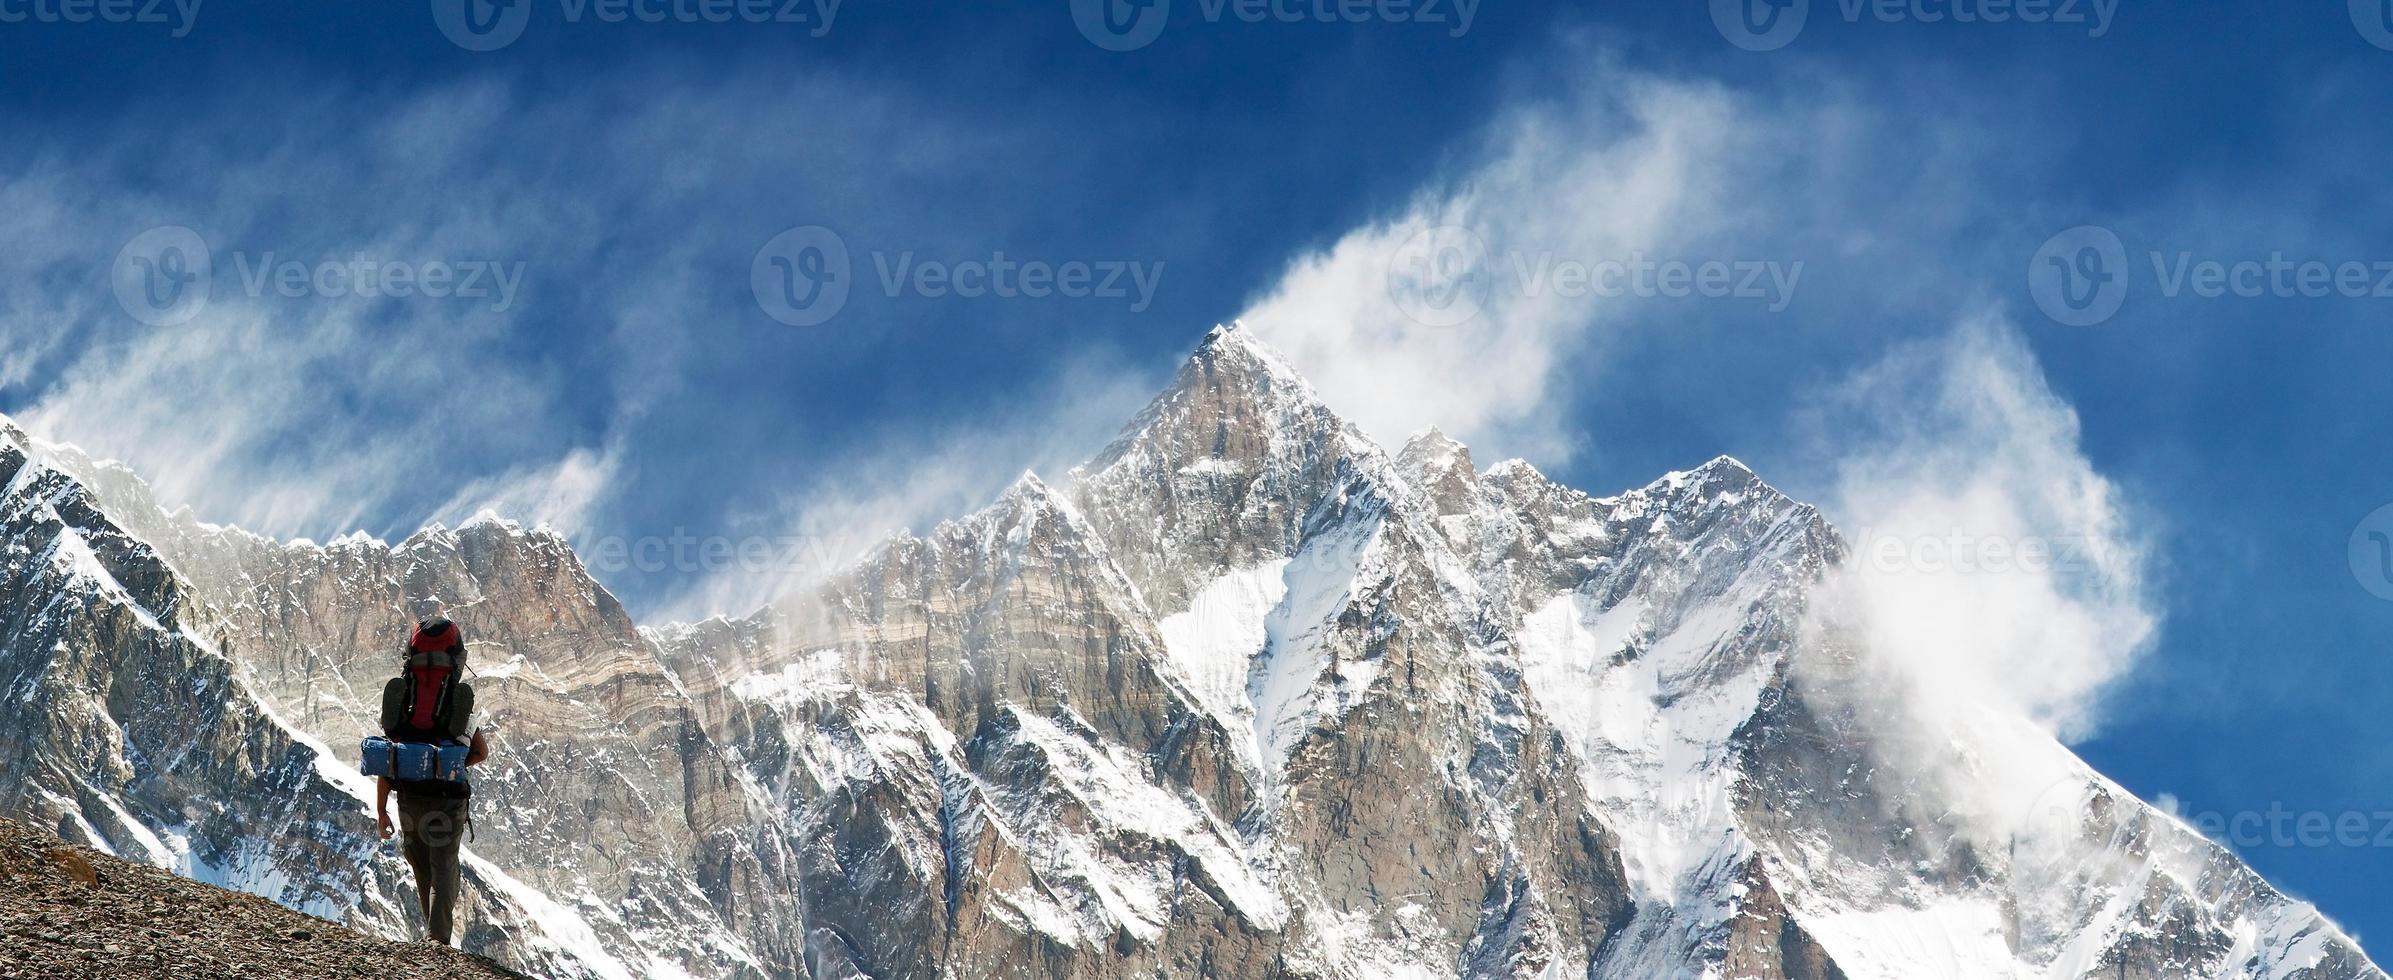 topo de lhotse e nuptse foto